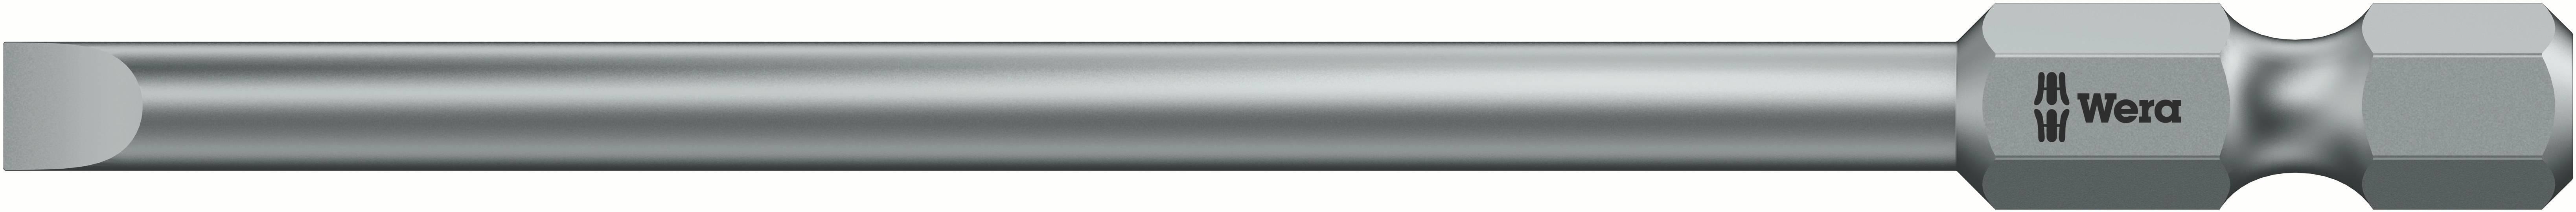 Plochý bit Wera 800/4 Z;5.5 mm 05059488001, nástrojová oceľ, 1 ks